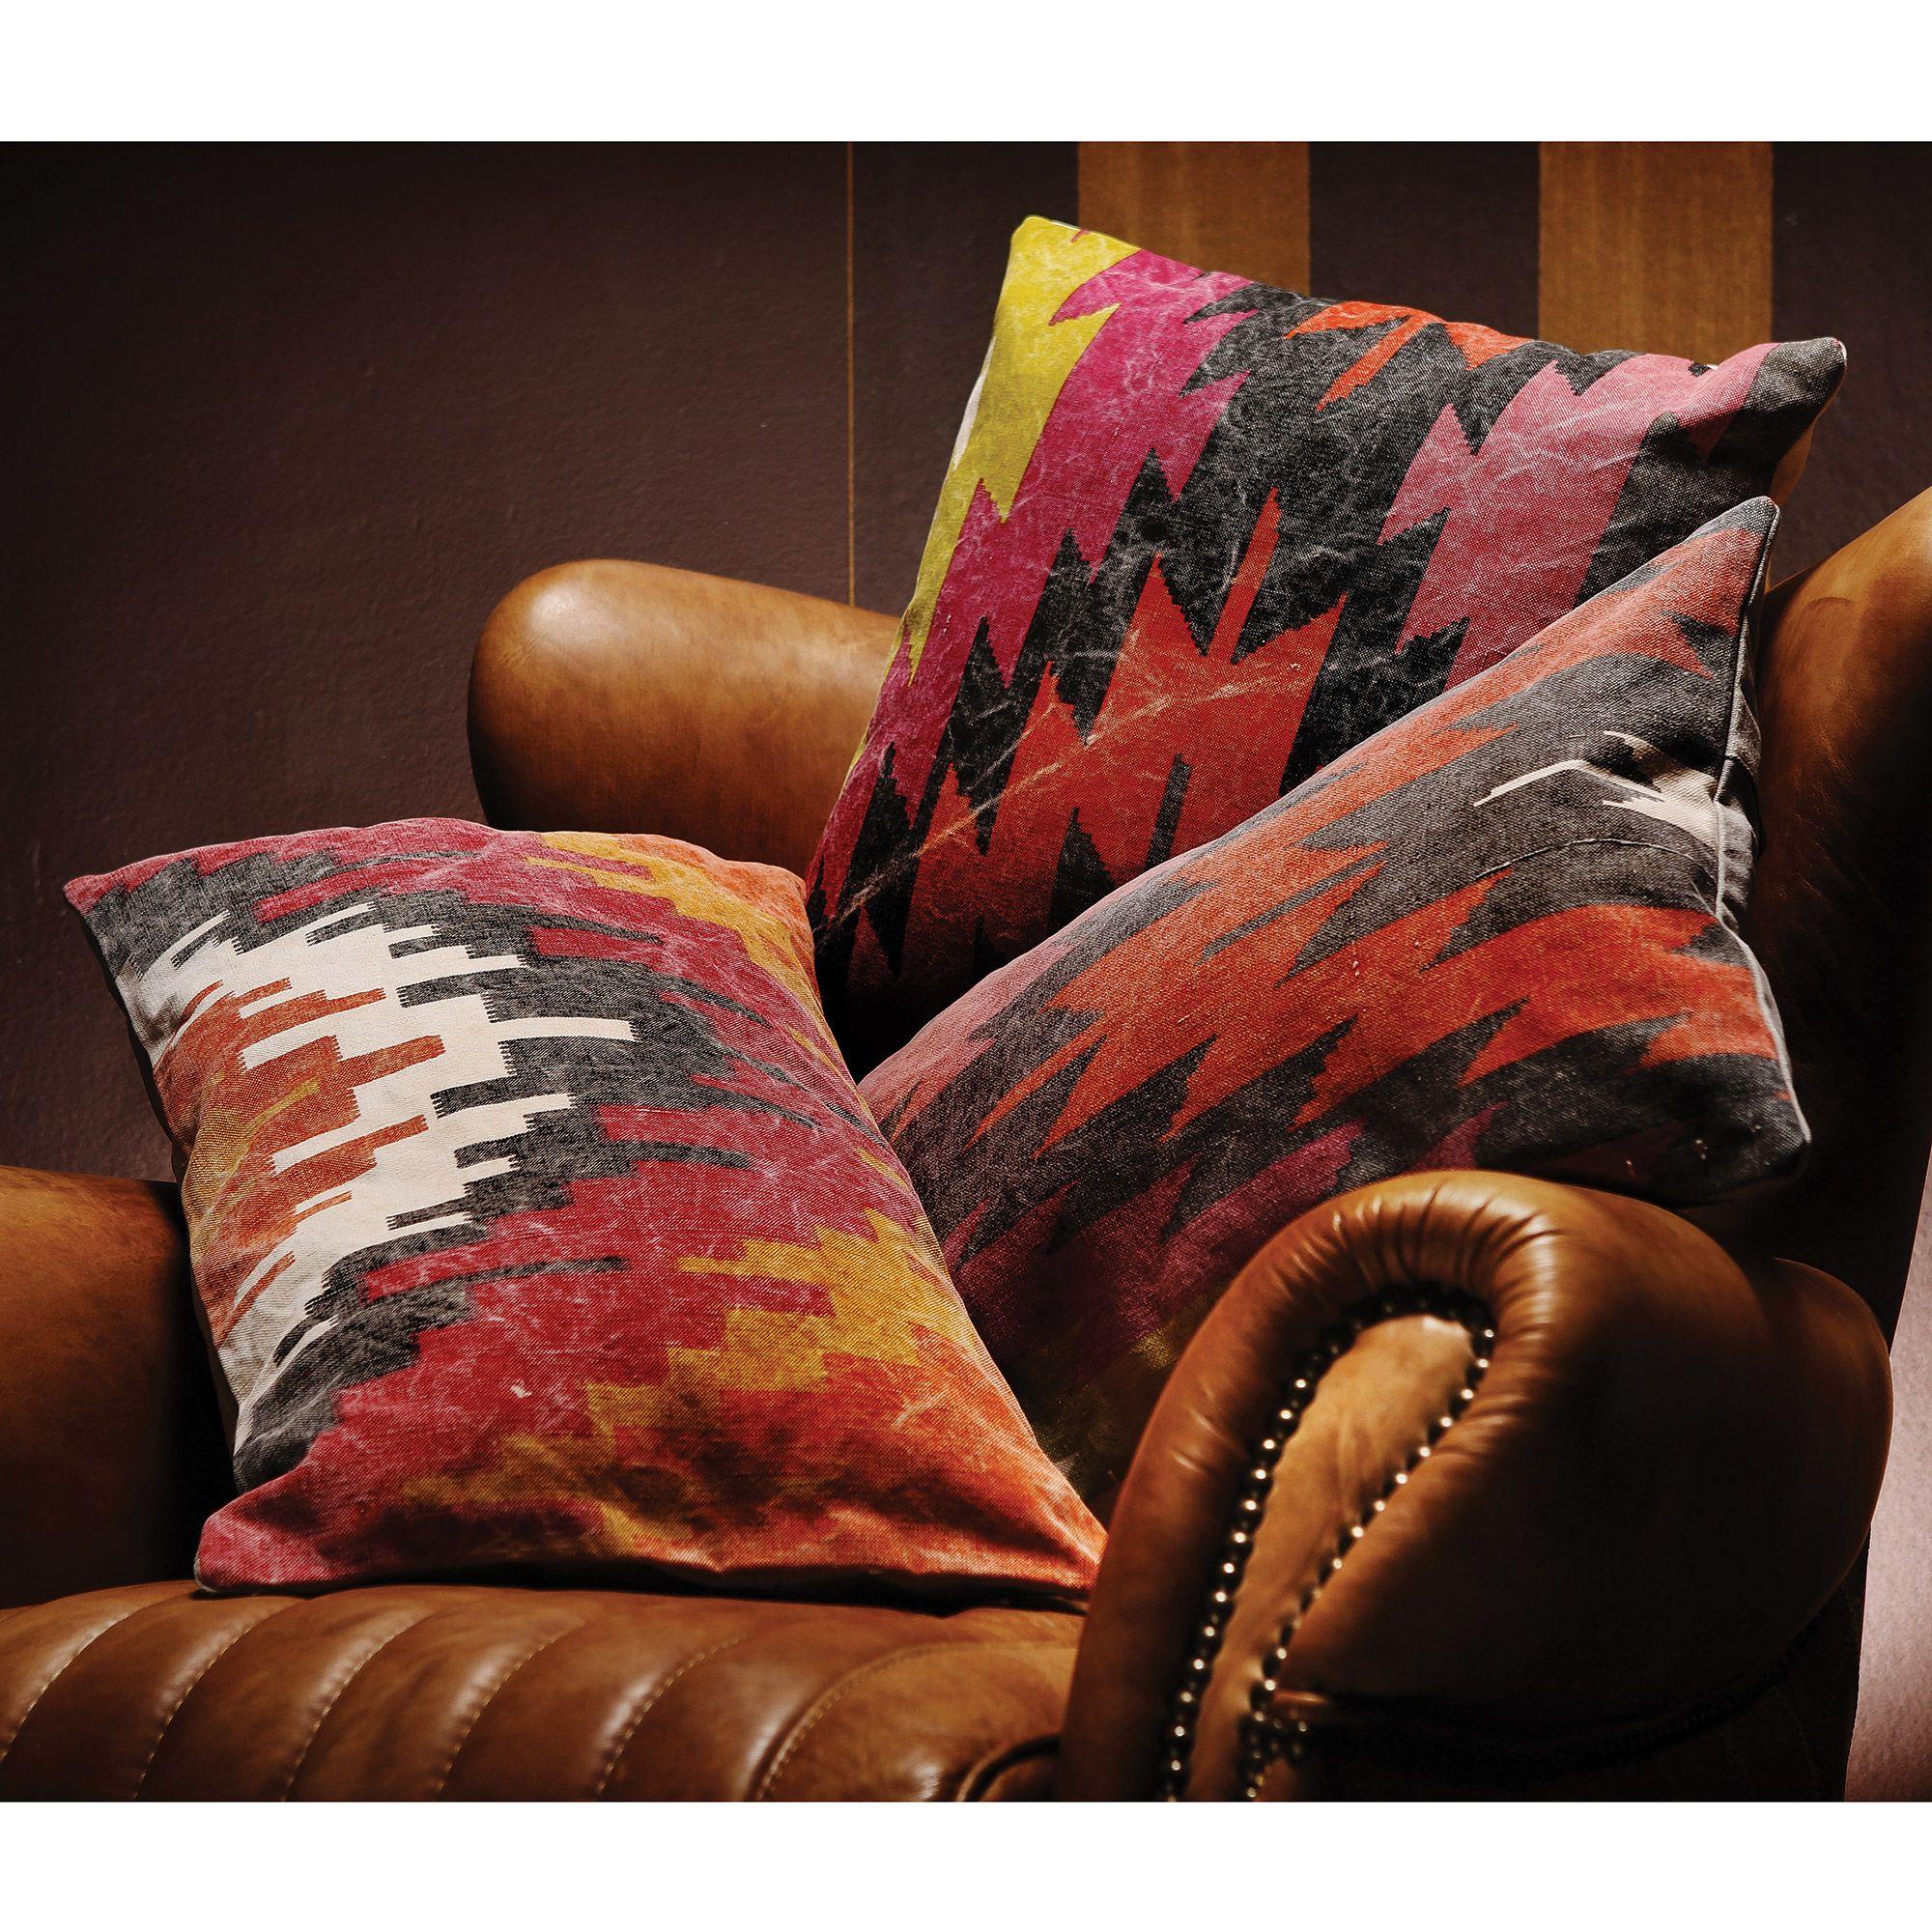 coussin en toile paisse motifs ethniques ethnique. Black Bedroom Furniture Sets. Home Design Ideas